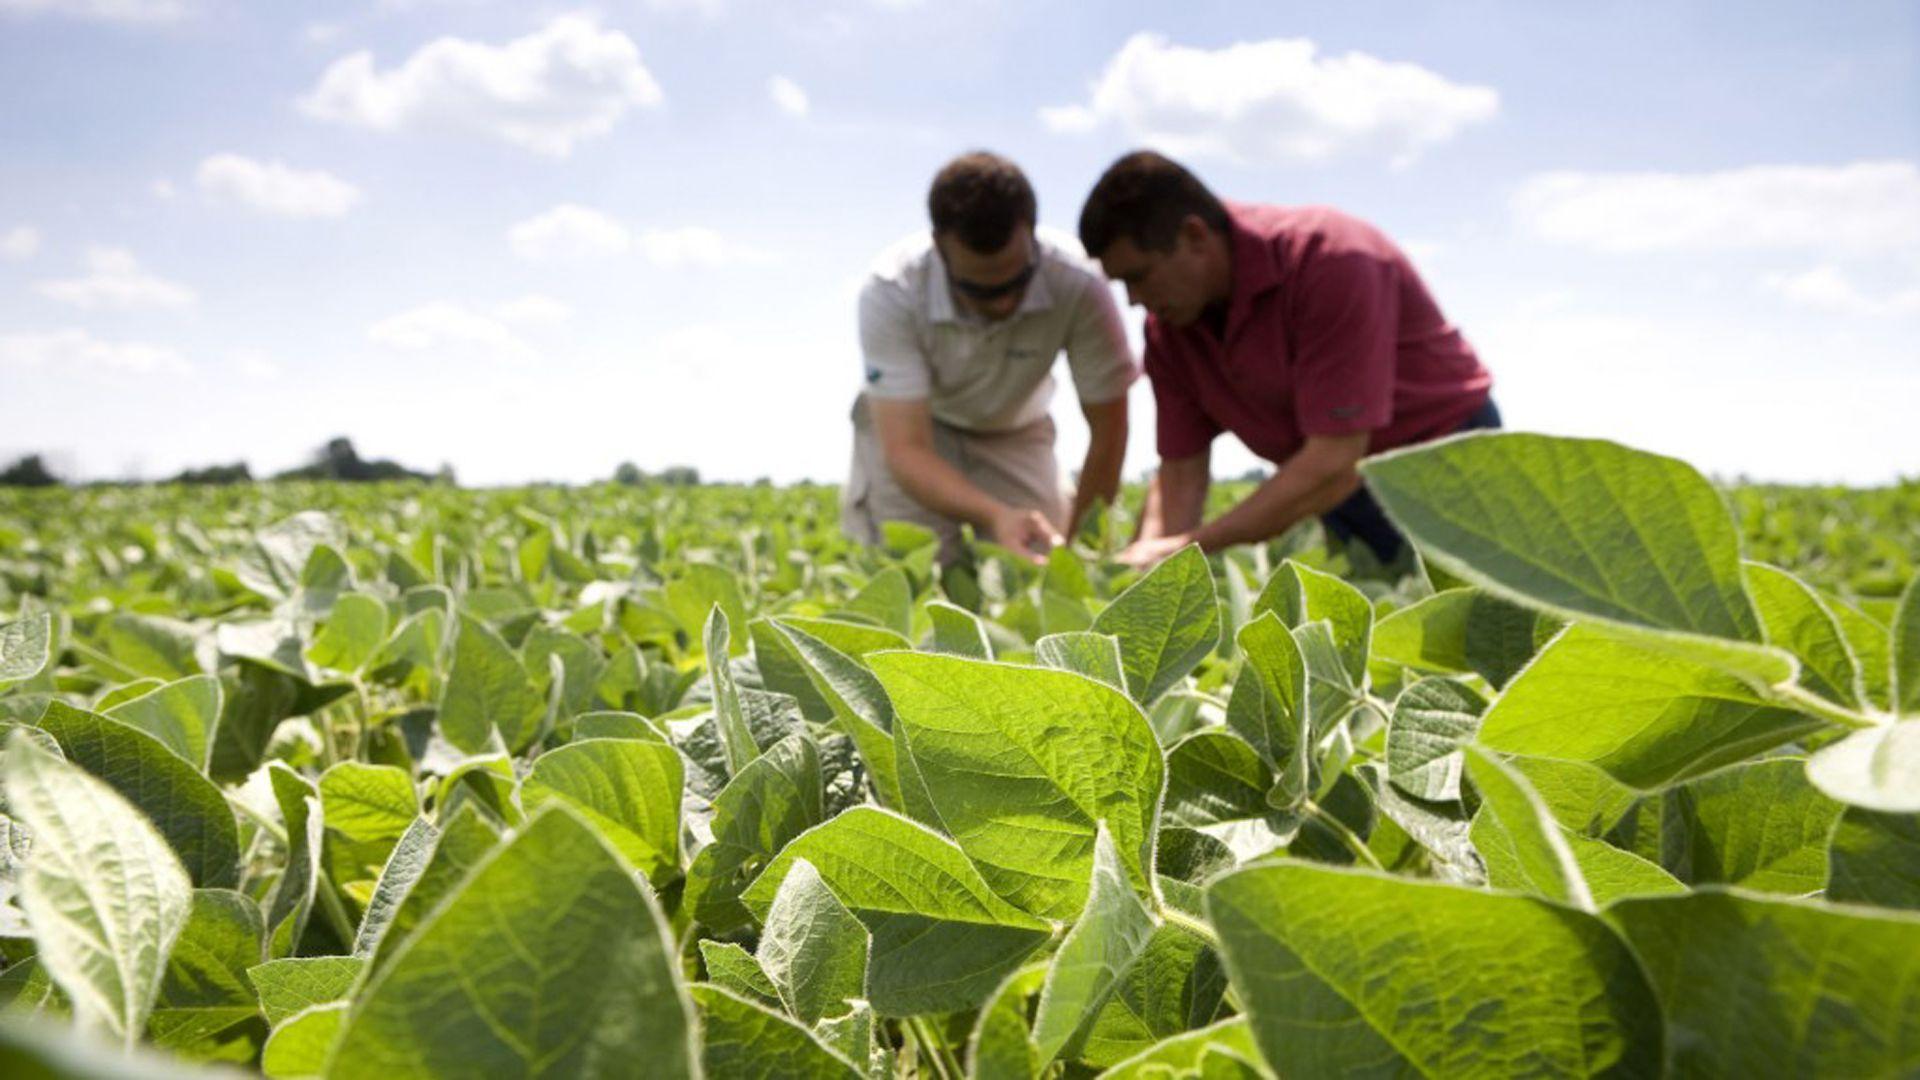 """Según la Bolsa de Cereales de Buenos Aires, hasta el momento la siembra de soja se ubica en el 77% de las 17,2 millones de hectáreas proyectadas para el cultivo. El desafío de hacer frente el fenómeno climático de """"La Nina""""."""